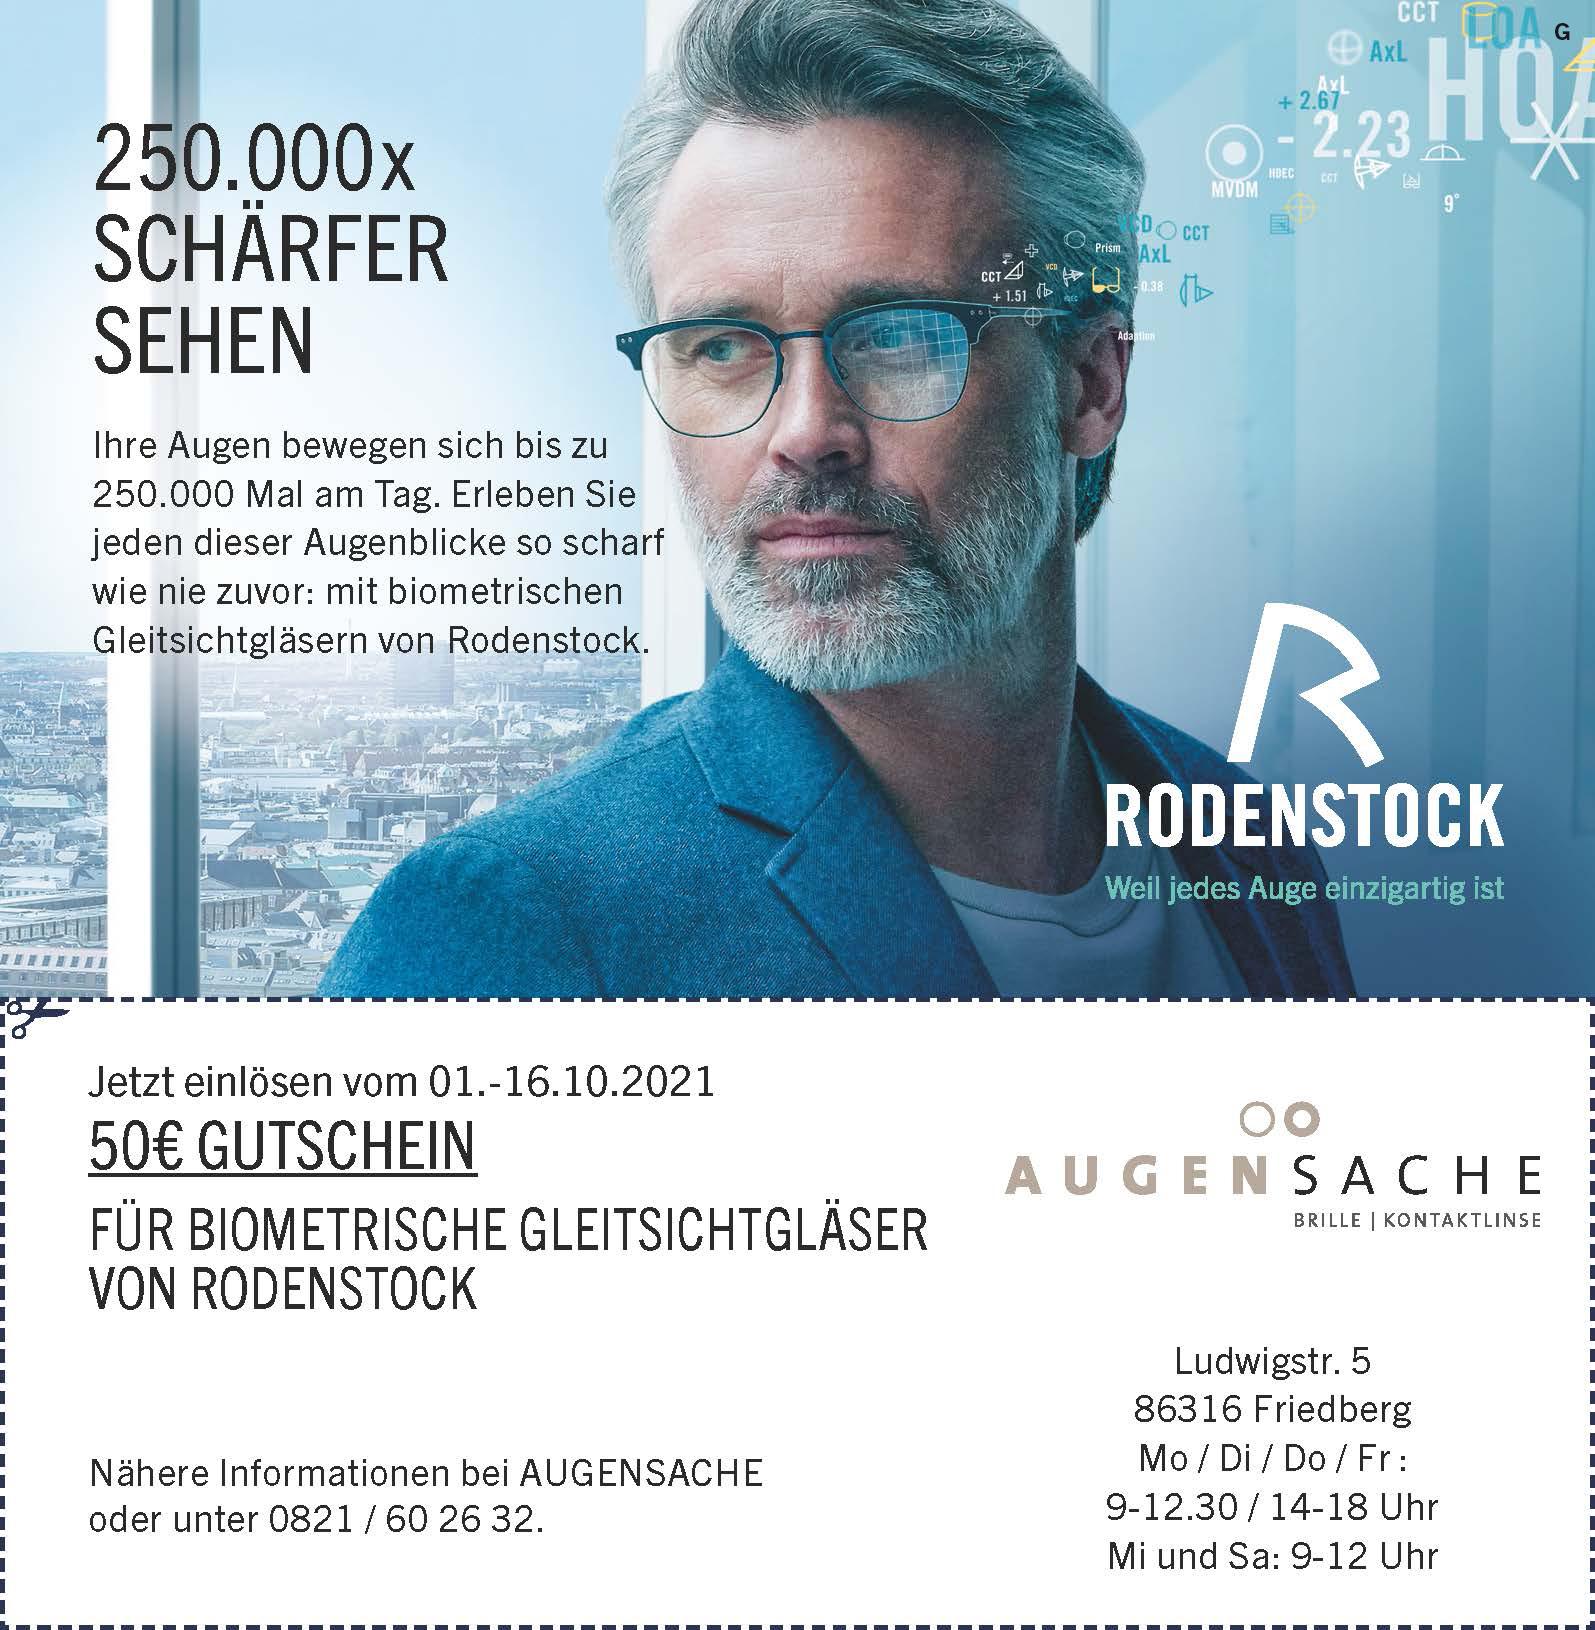 Biometrische Gleitsichtgläser Gutschein von Optiker AUGENSACHE Brille Kontaktlinse in Friedberg